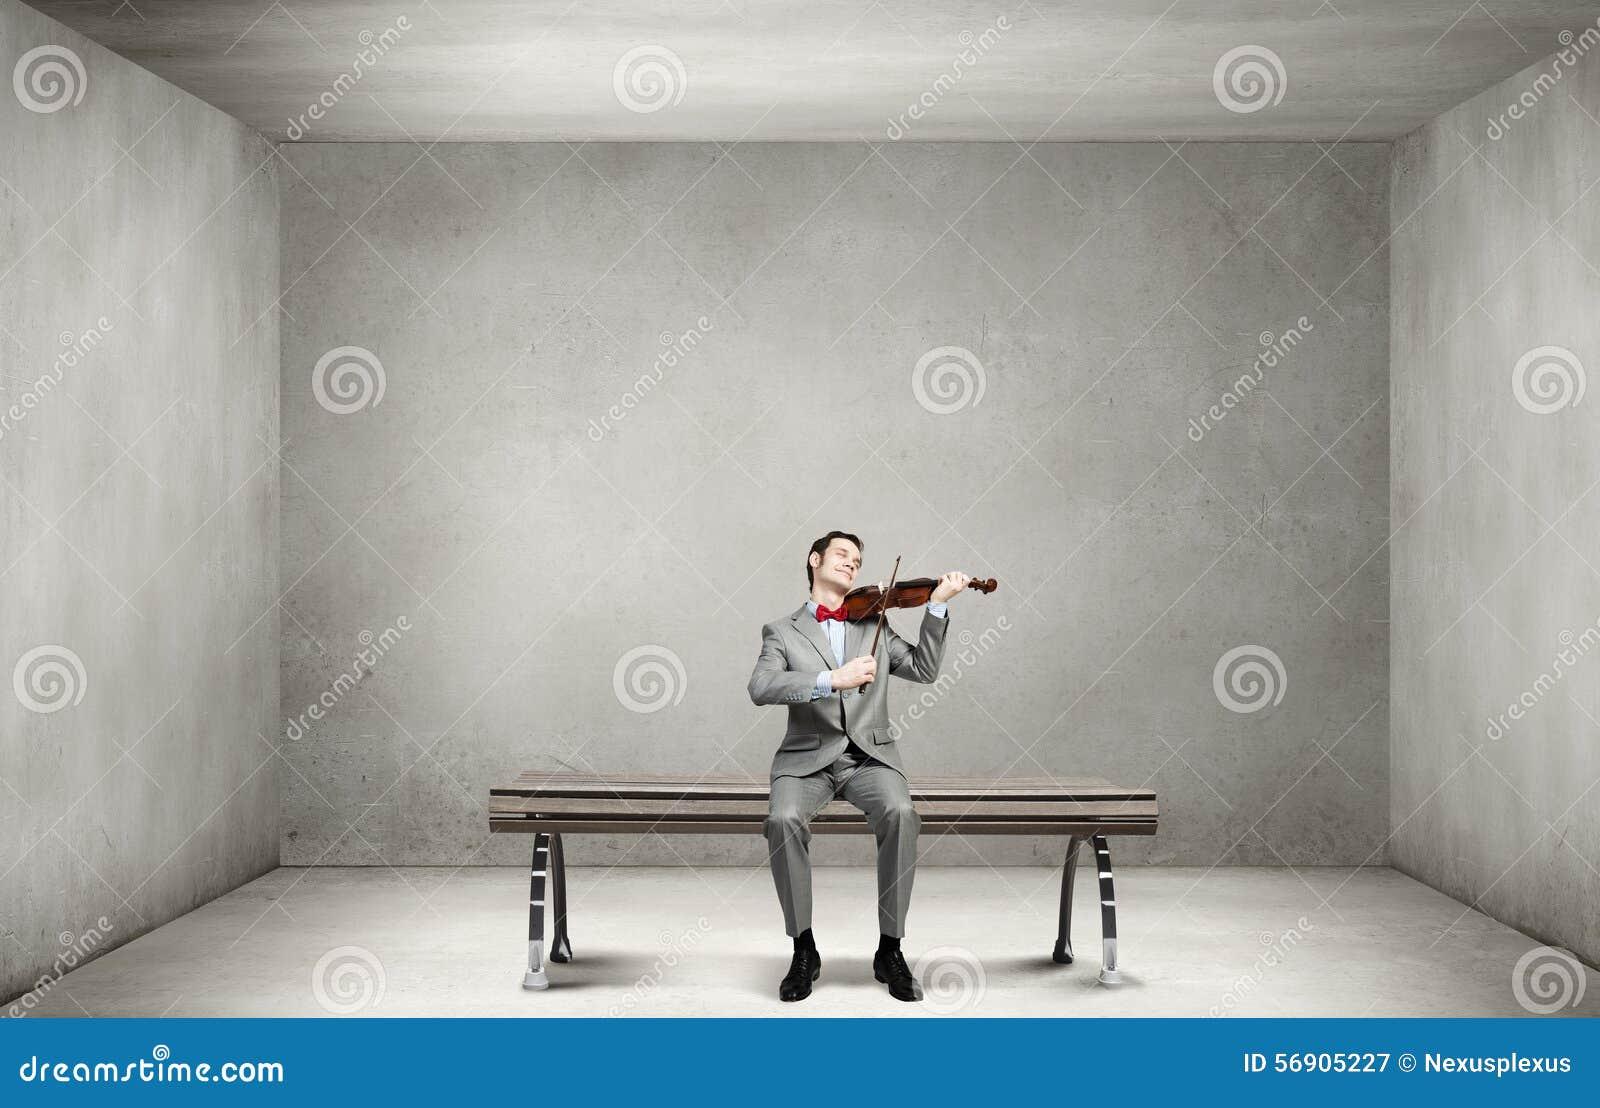 Βιολί παιχνιδιού επιχειρηματιών